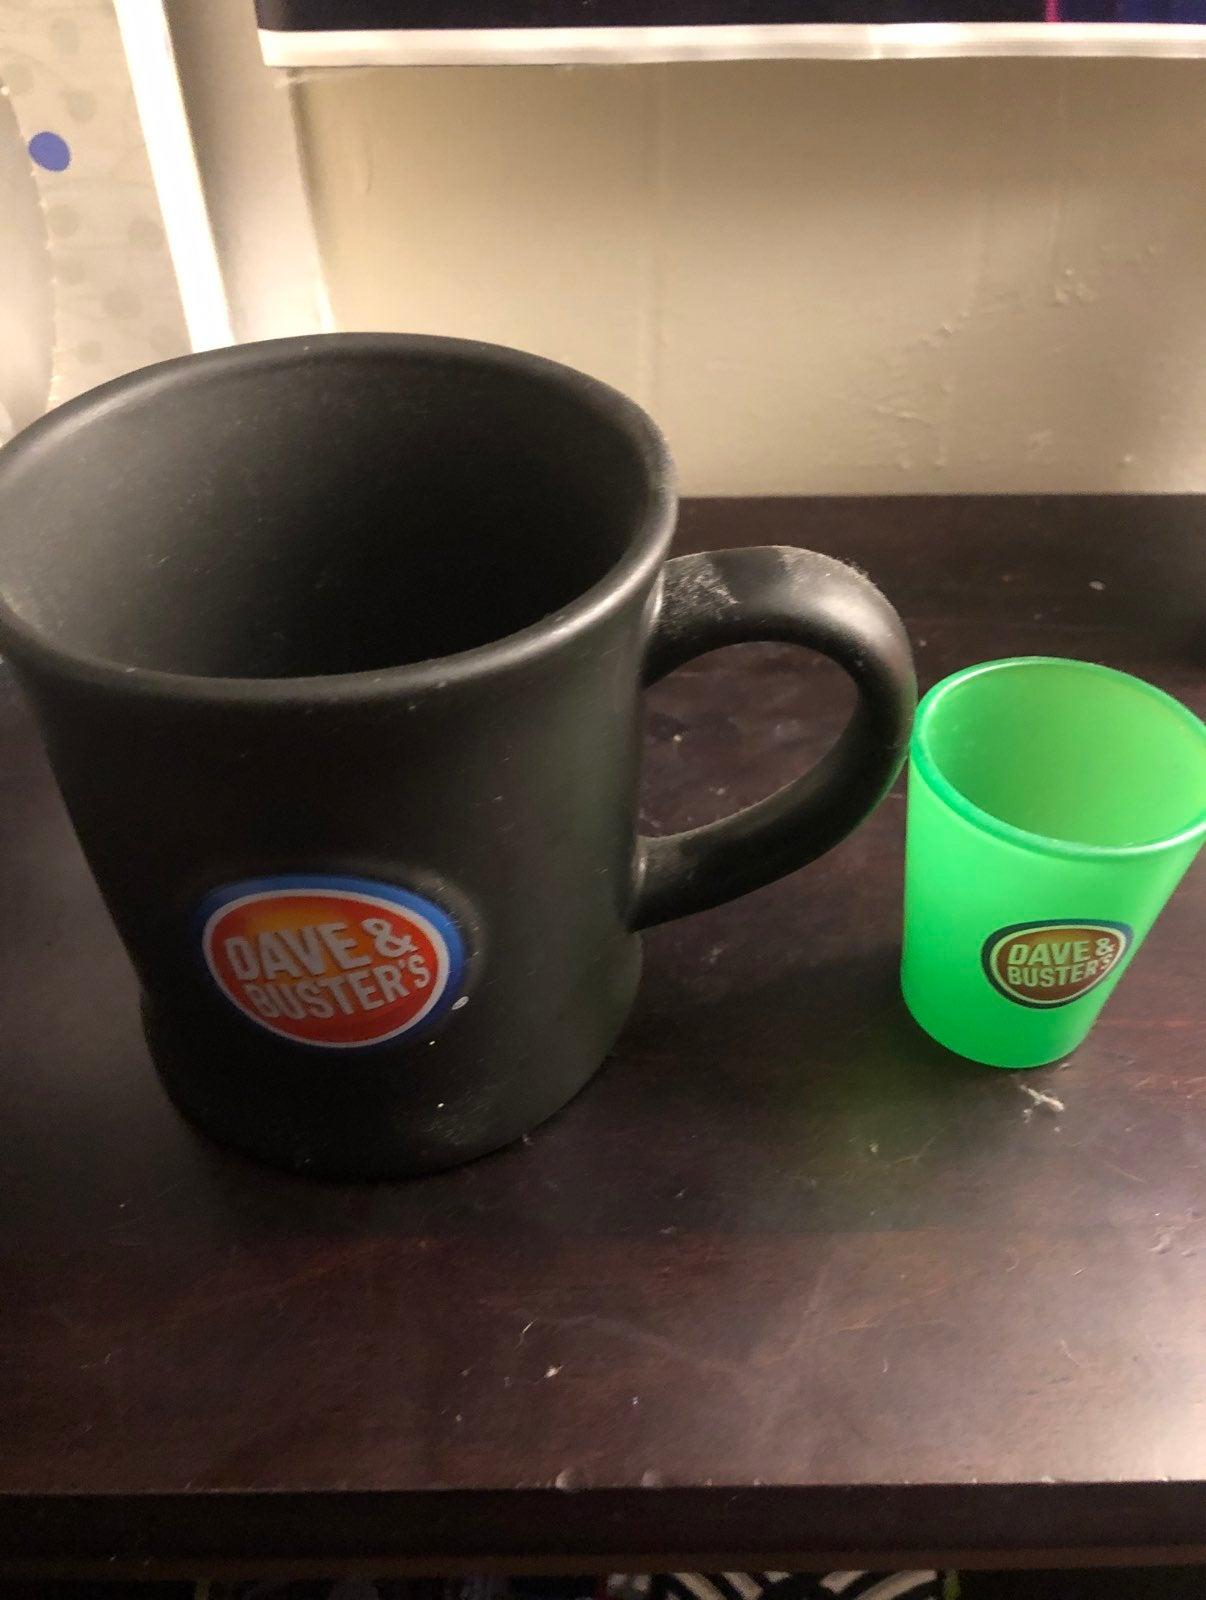 Dave and Busters coffee mug and shot gla